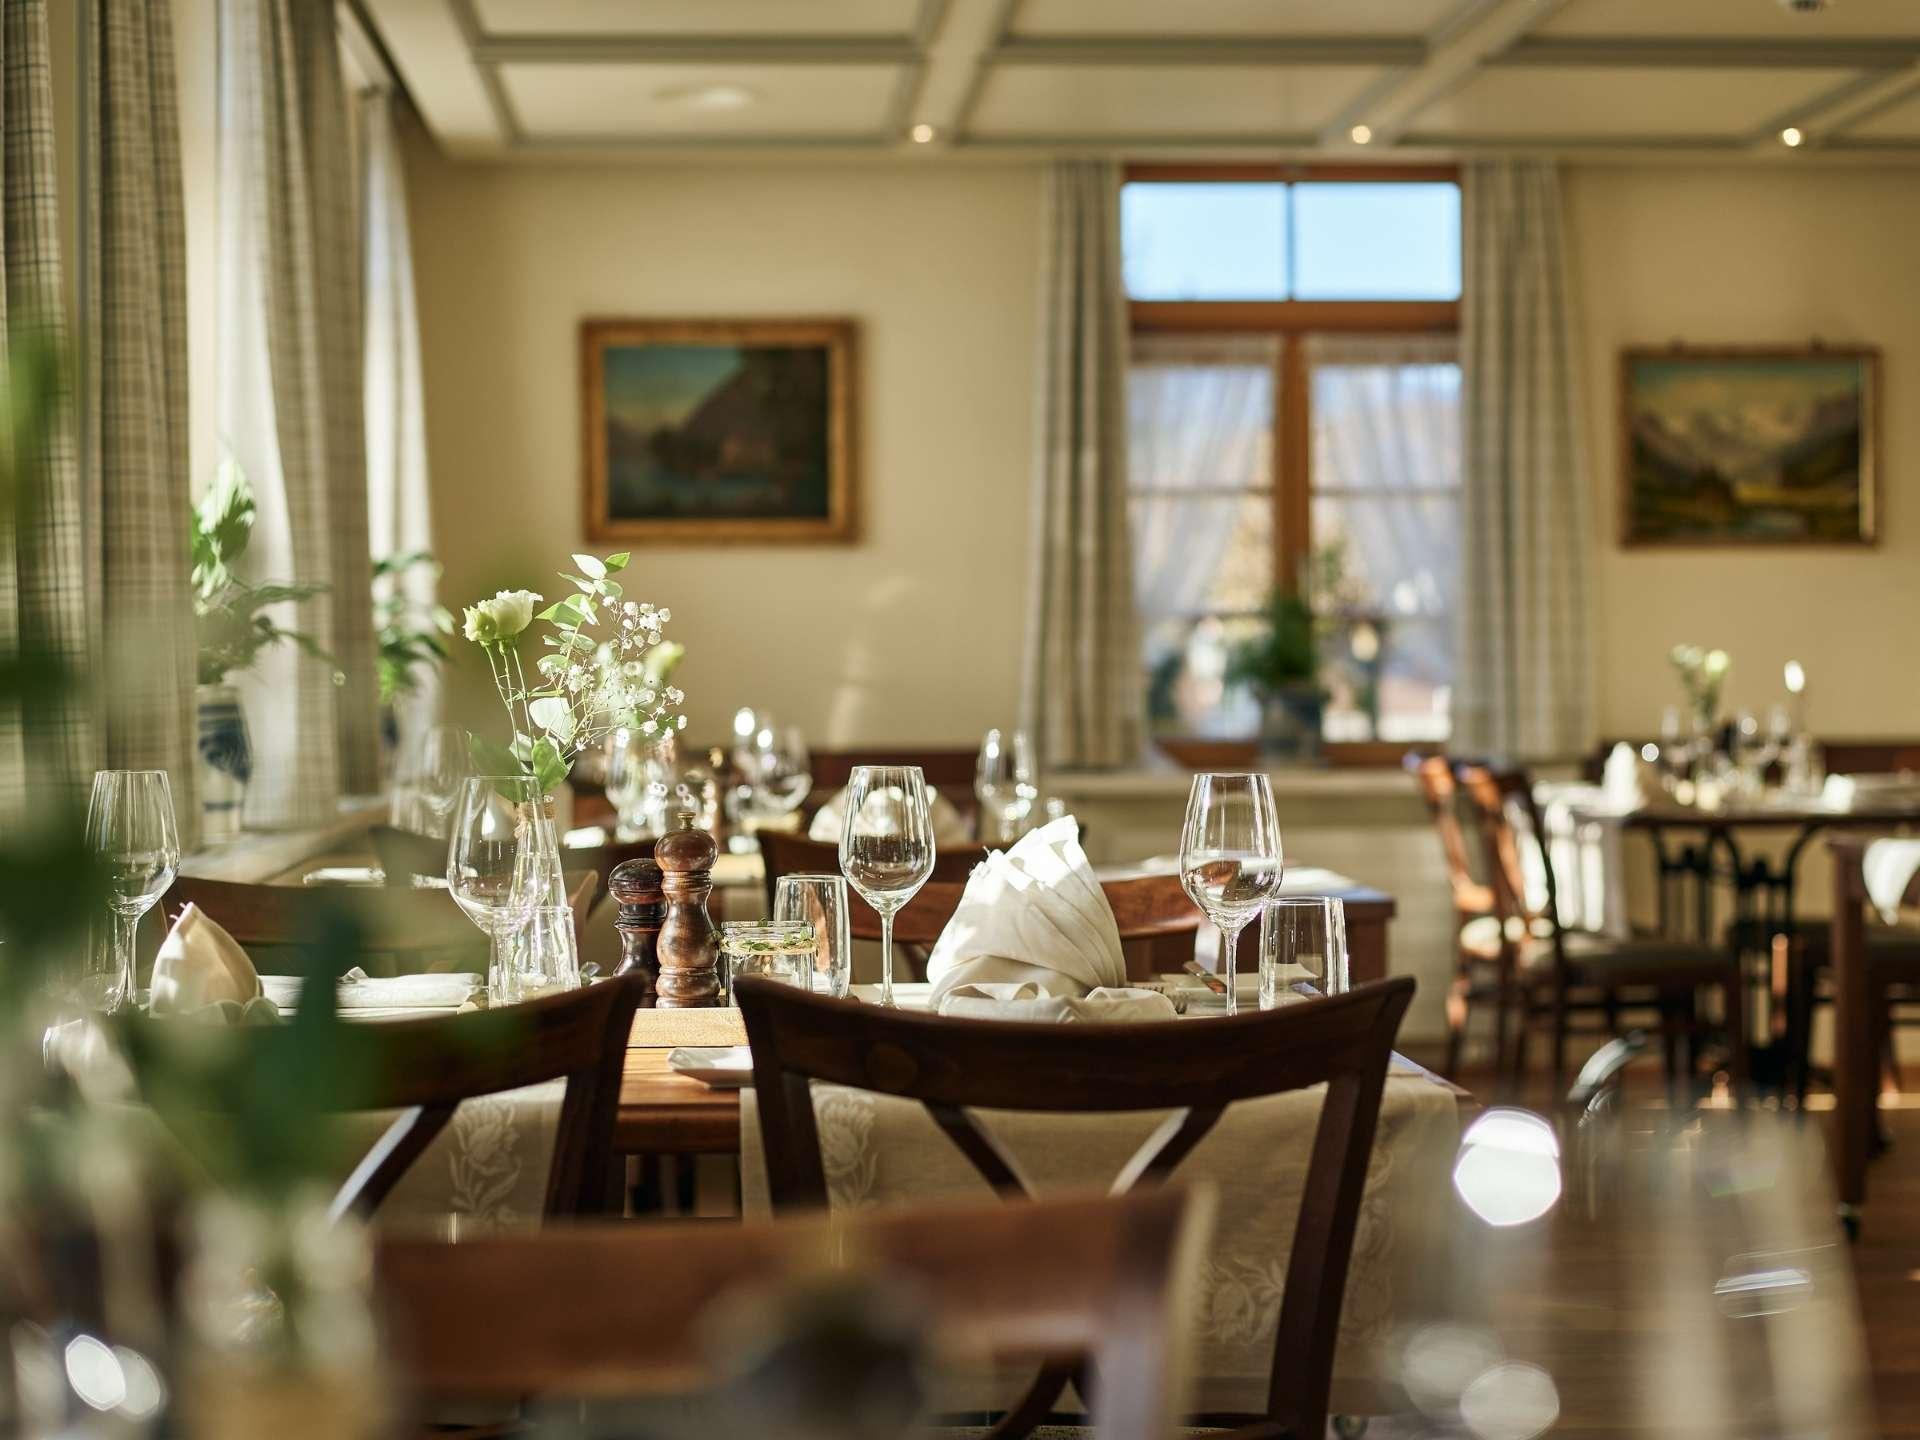 Gaststube Restaurant Burehuus mit gedeckten Tischen